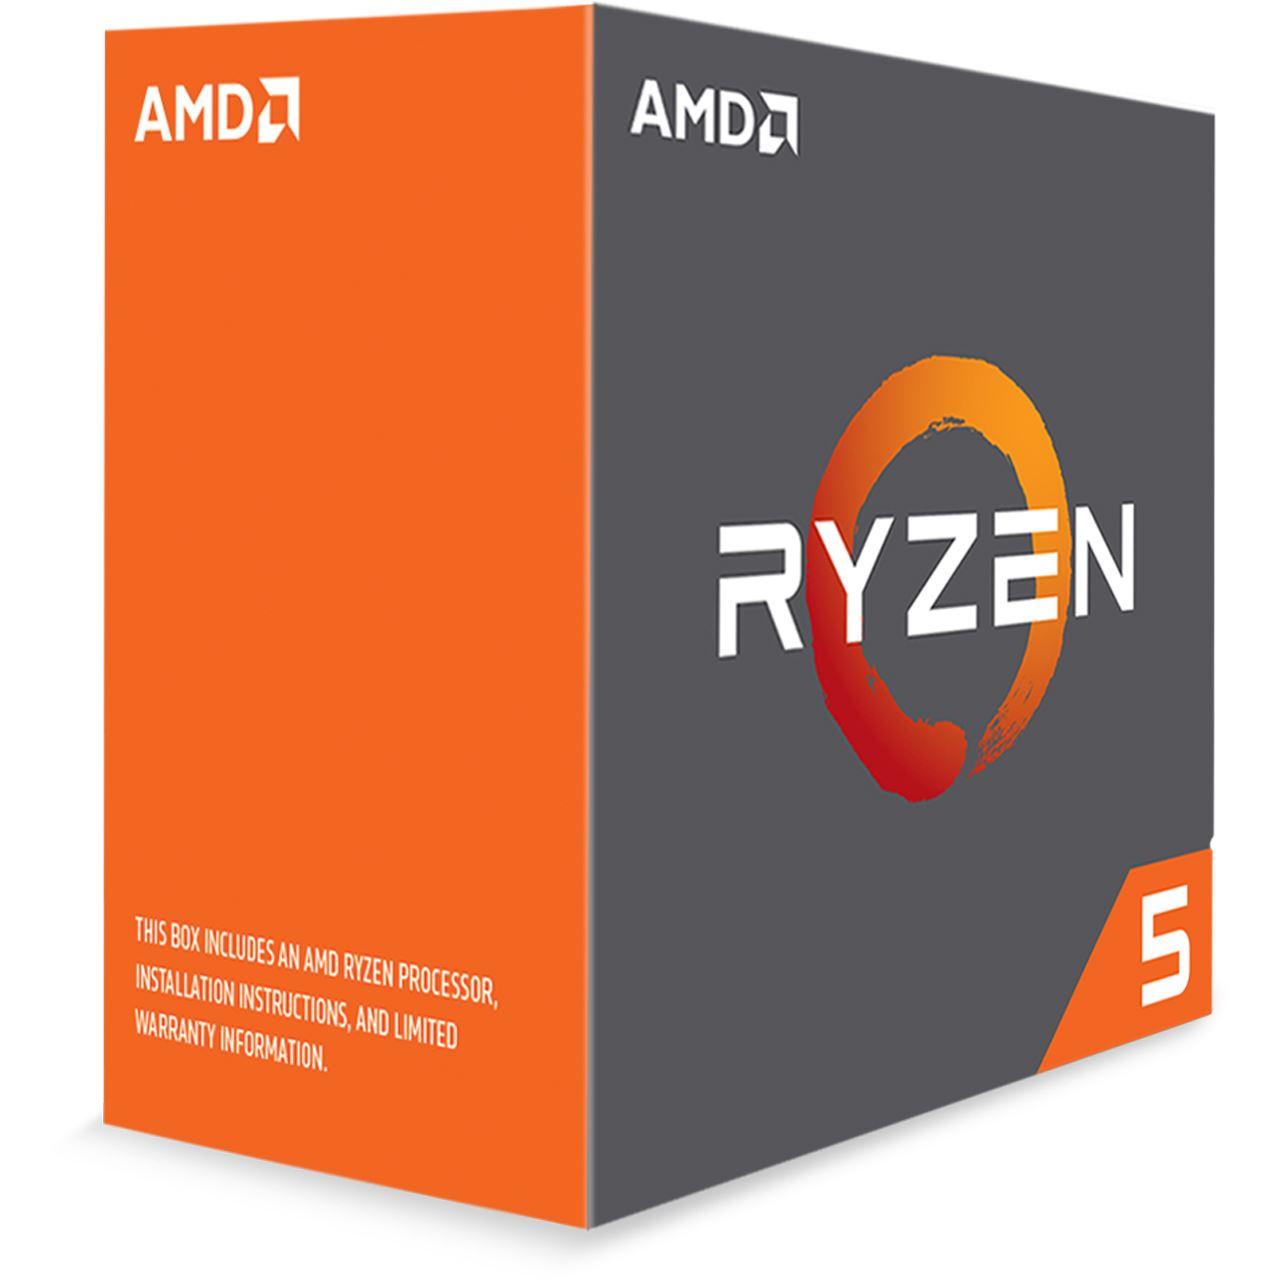 AMD Ryzen 5 1600X bei Hardwarecamp24 für 232,75€